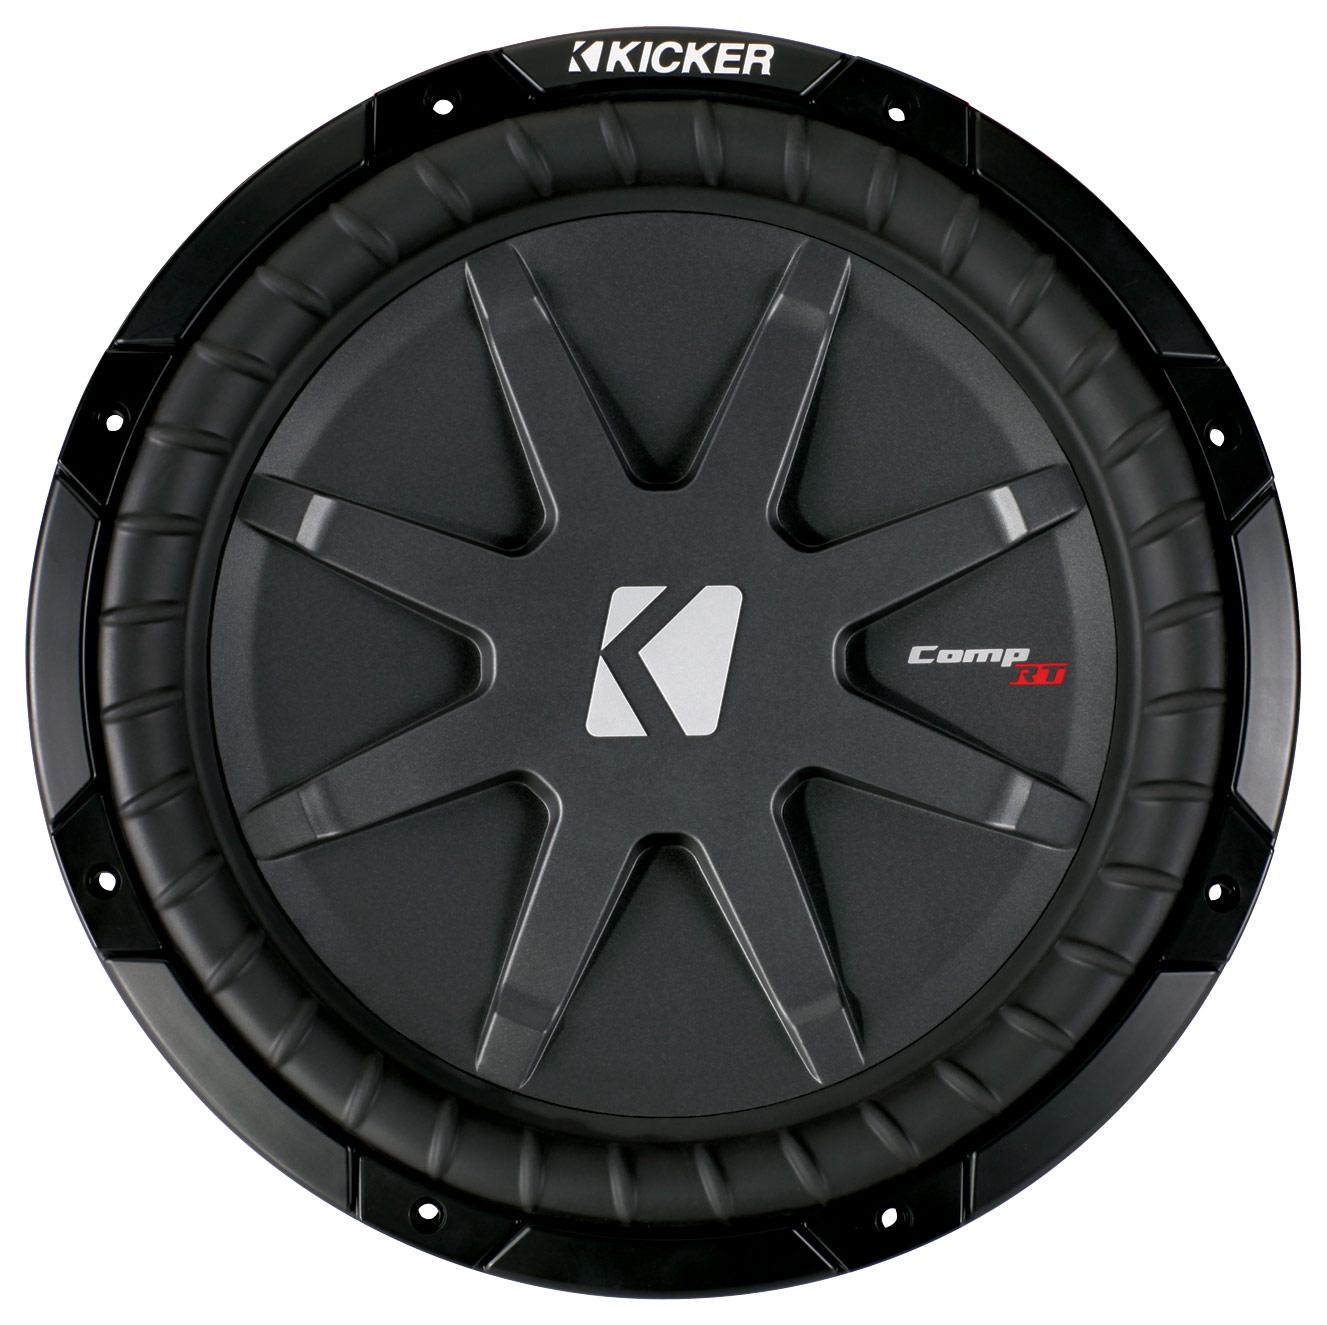 """Kicker - CompRT 12"""" Dual-Voice-Coil 2-Ohm Subwoofer - Black"""